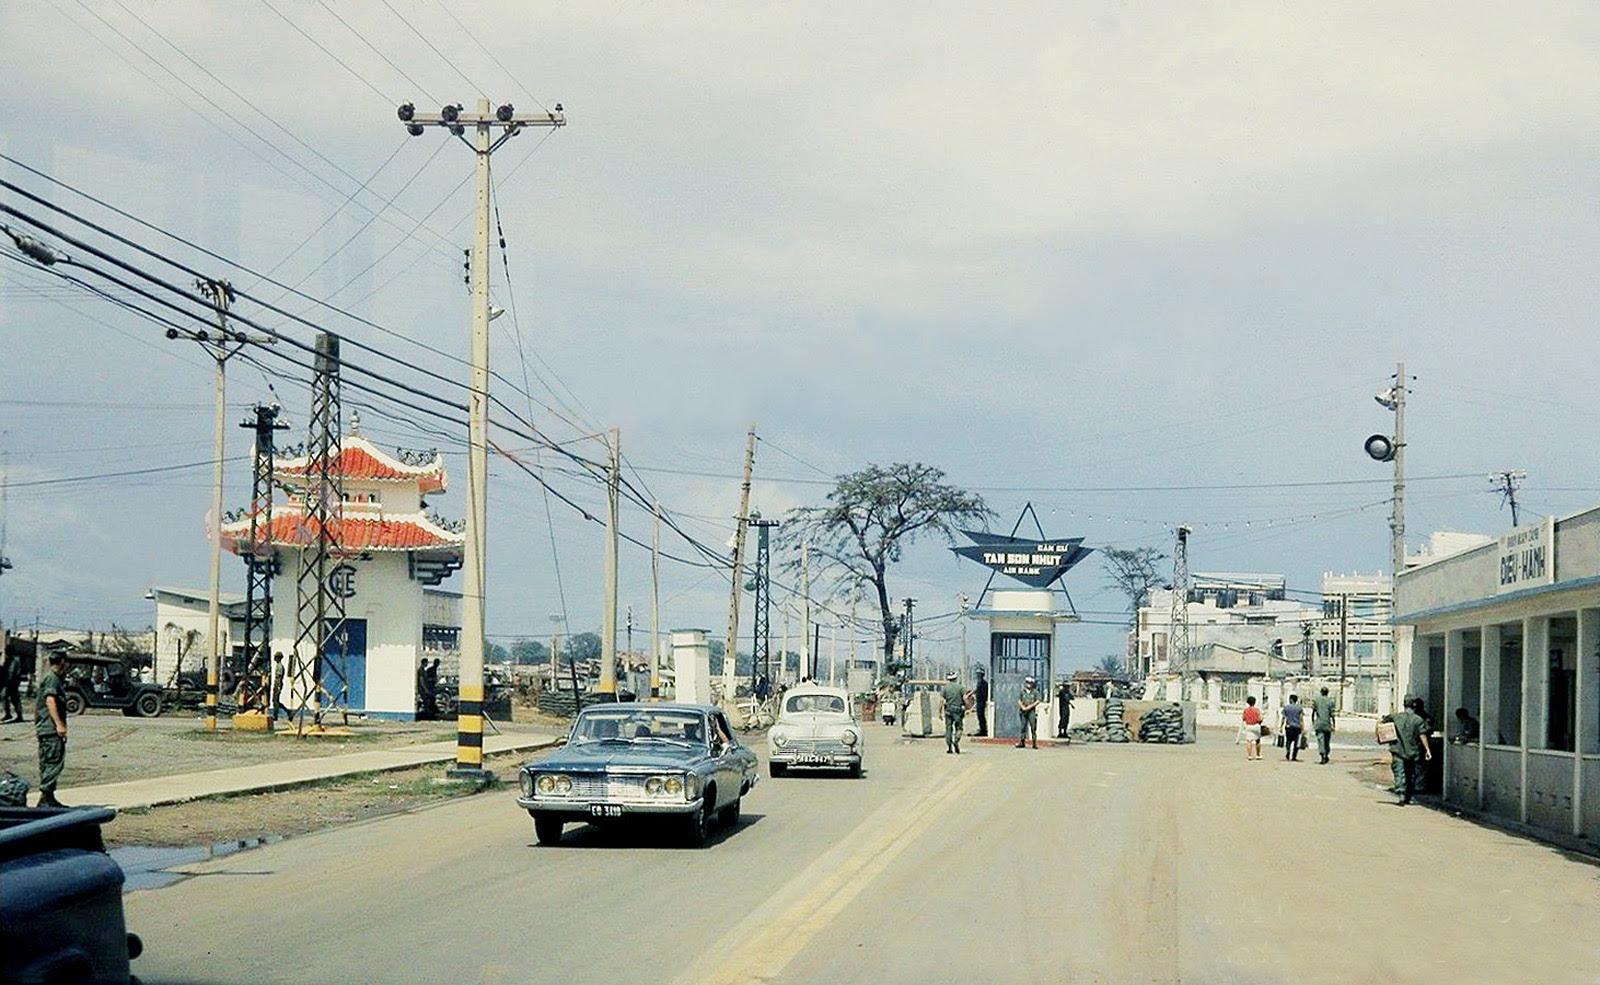 60 tấm ảnh màu đẹp nhất của đường phố Saigon thập niên 1960-1970 - 59